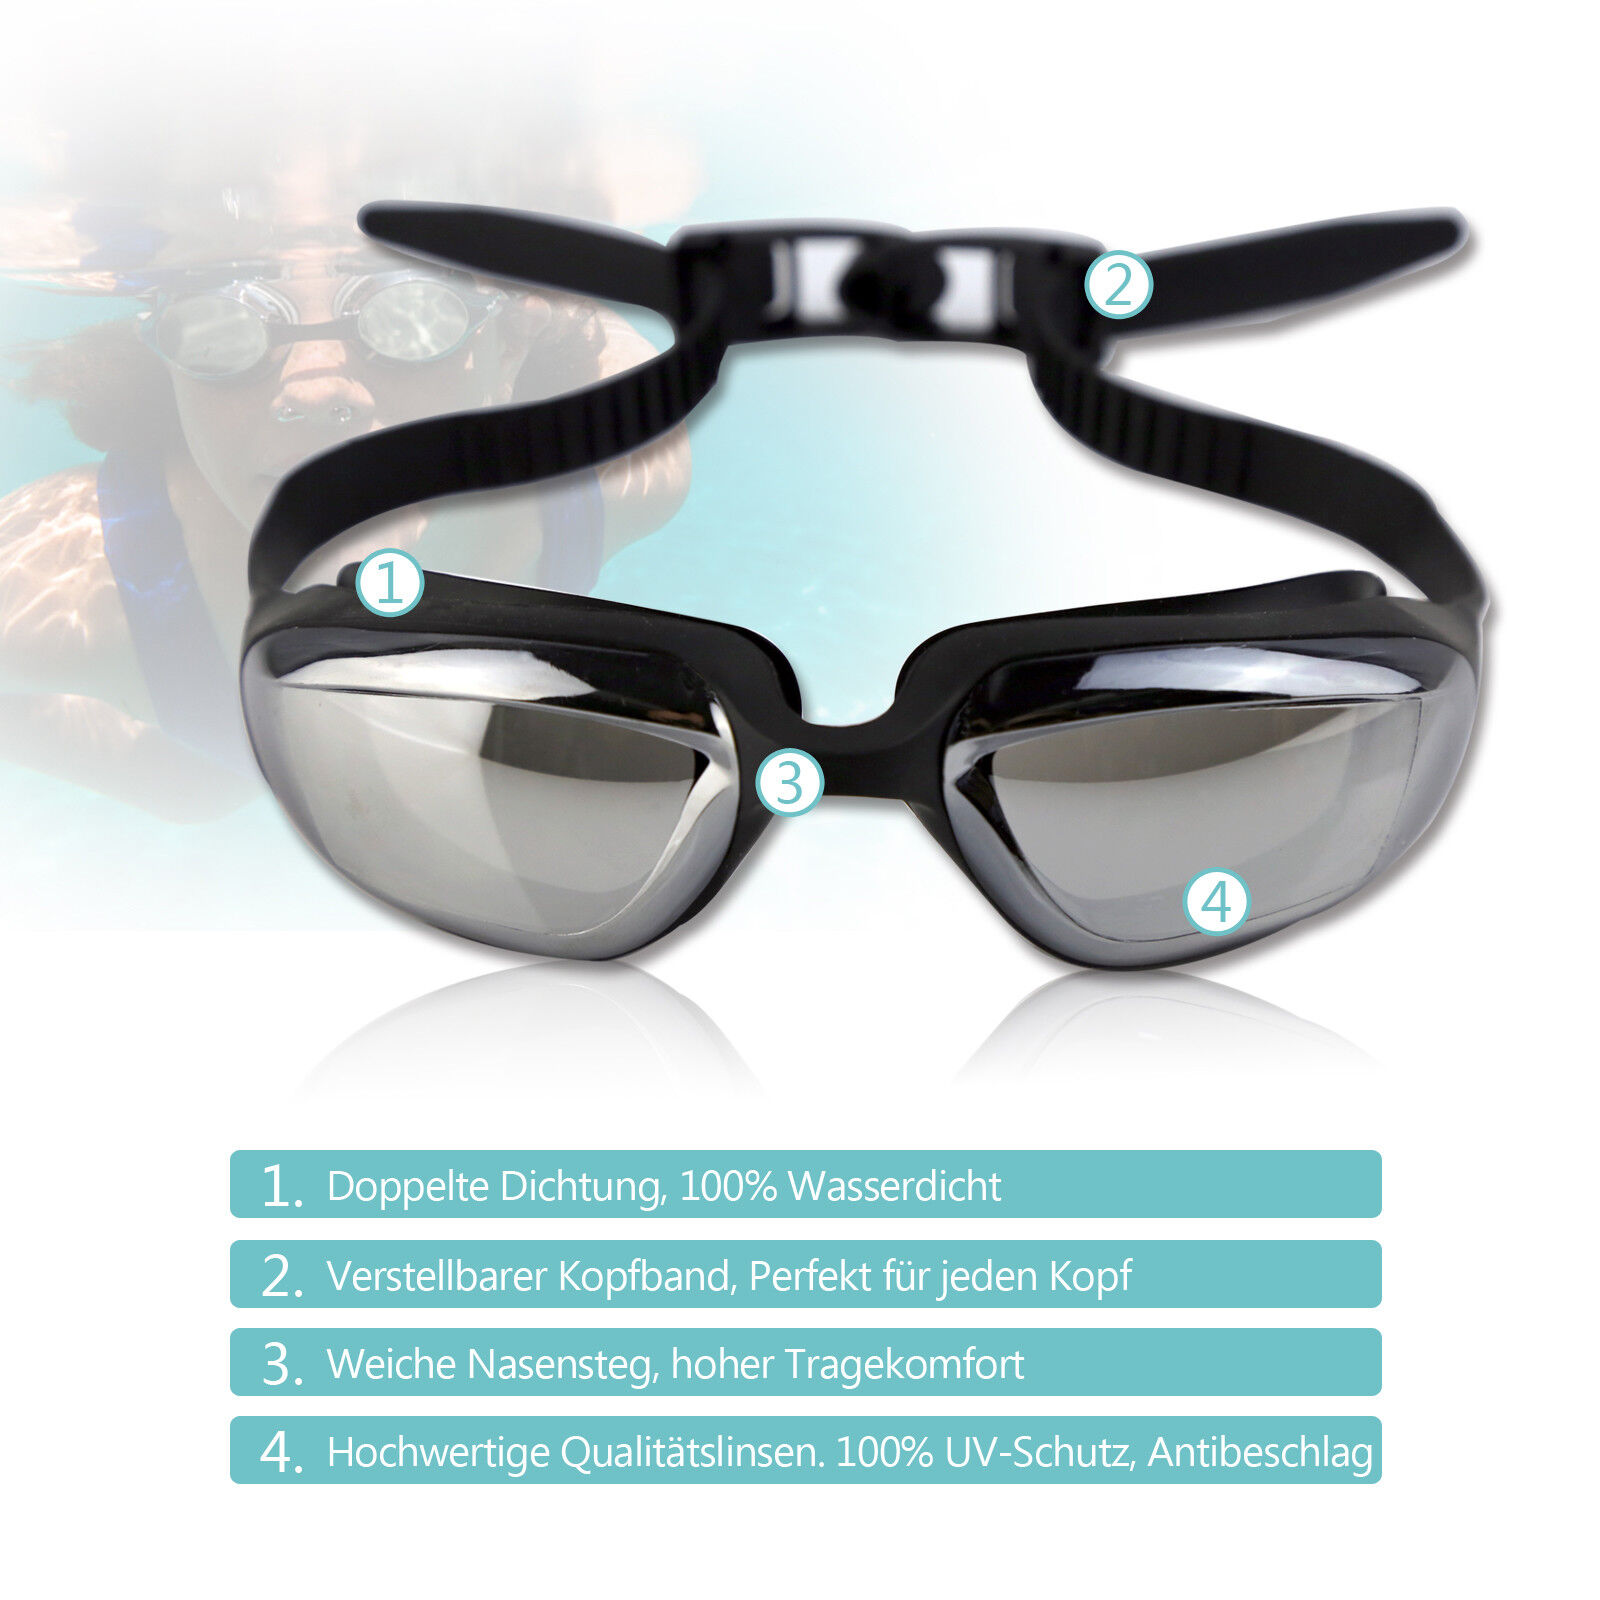 Schwimmbrille Grau Professionelle Verspiegelte Taucherbrille Training Einstellen